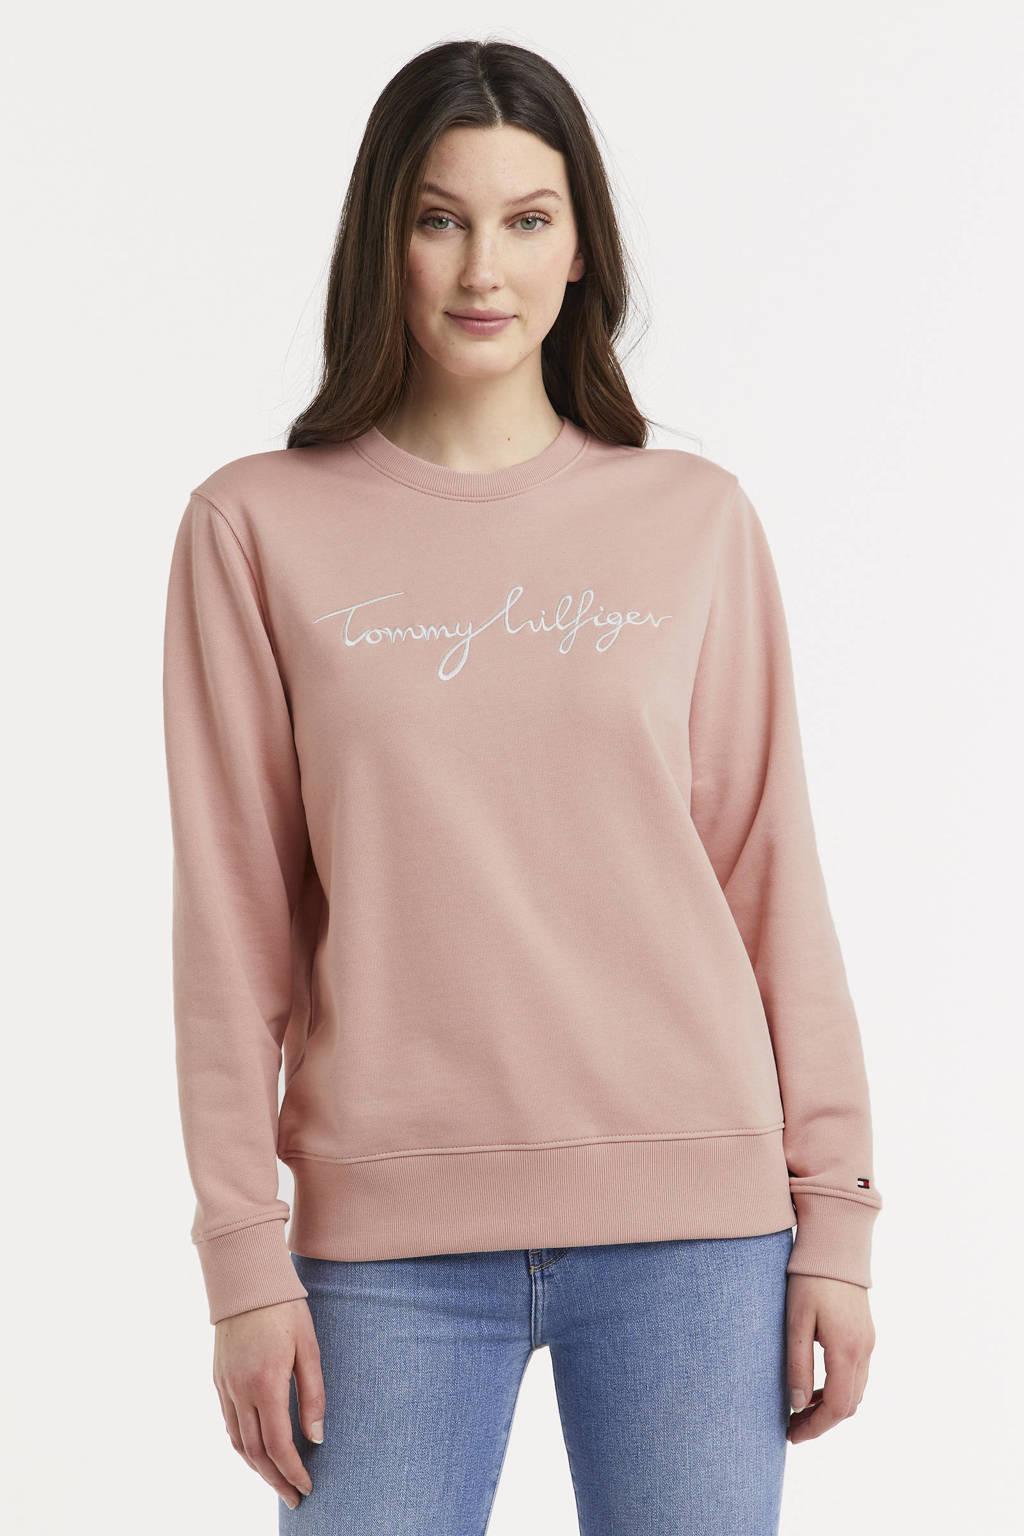 Tommy Hilfiger trui met logo en borduursels lichtroze, Lichtroze/wit